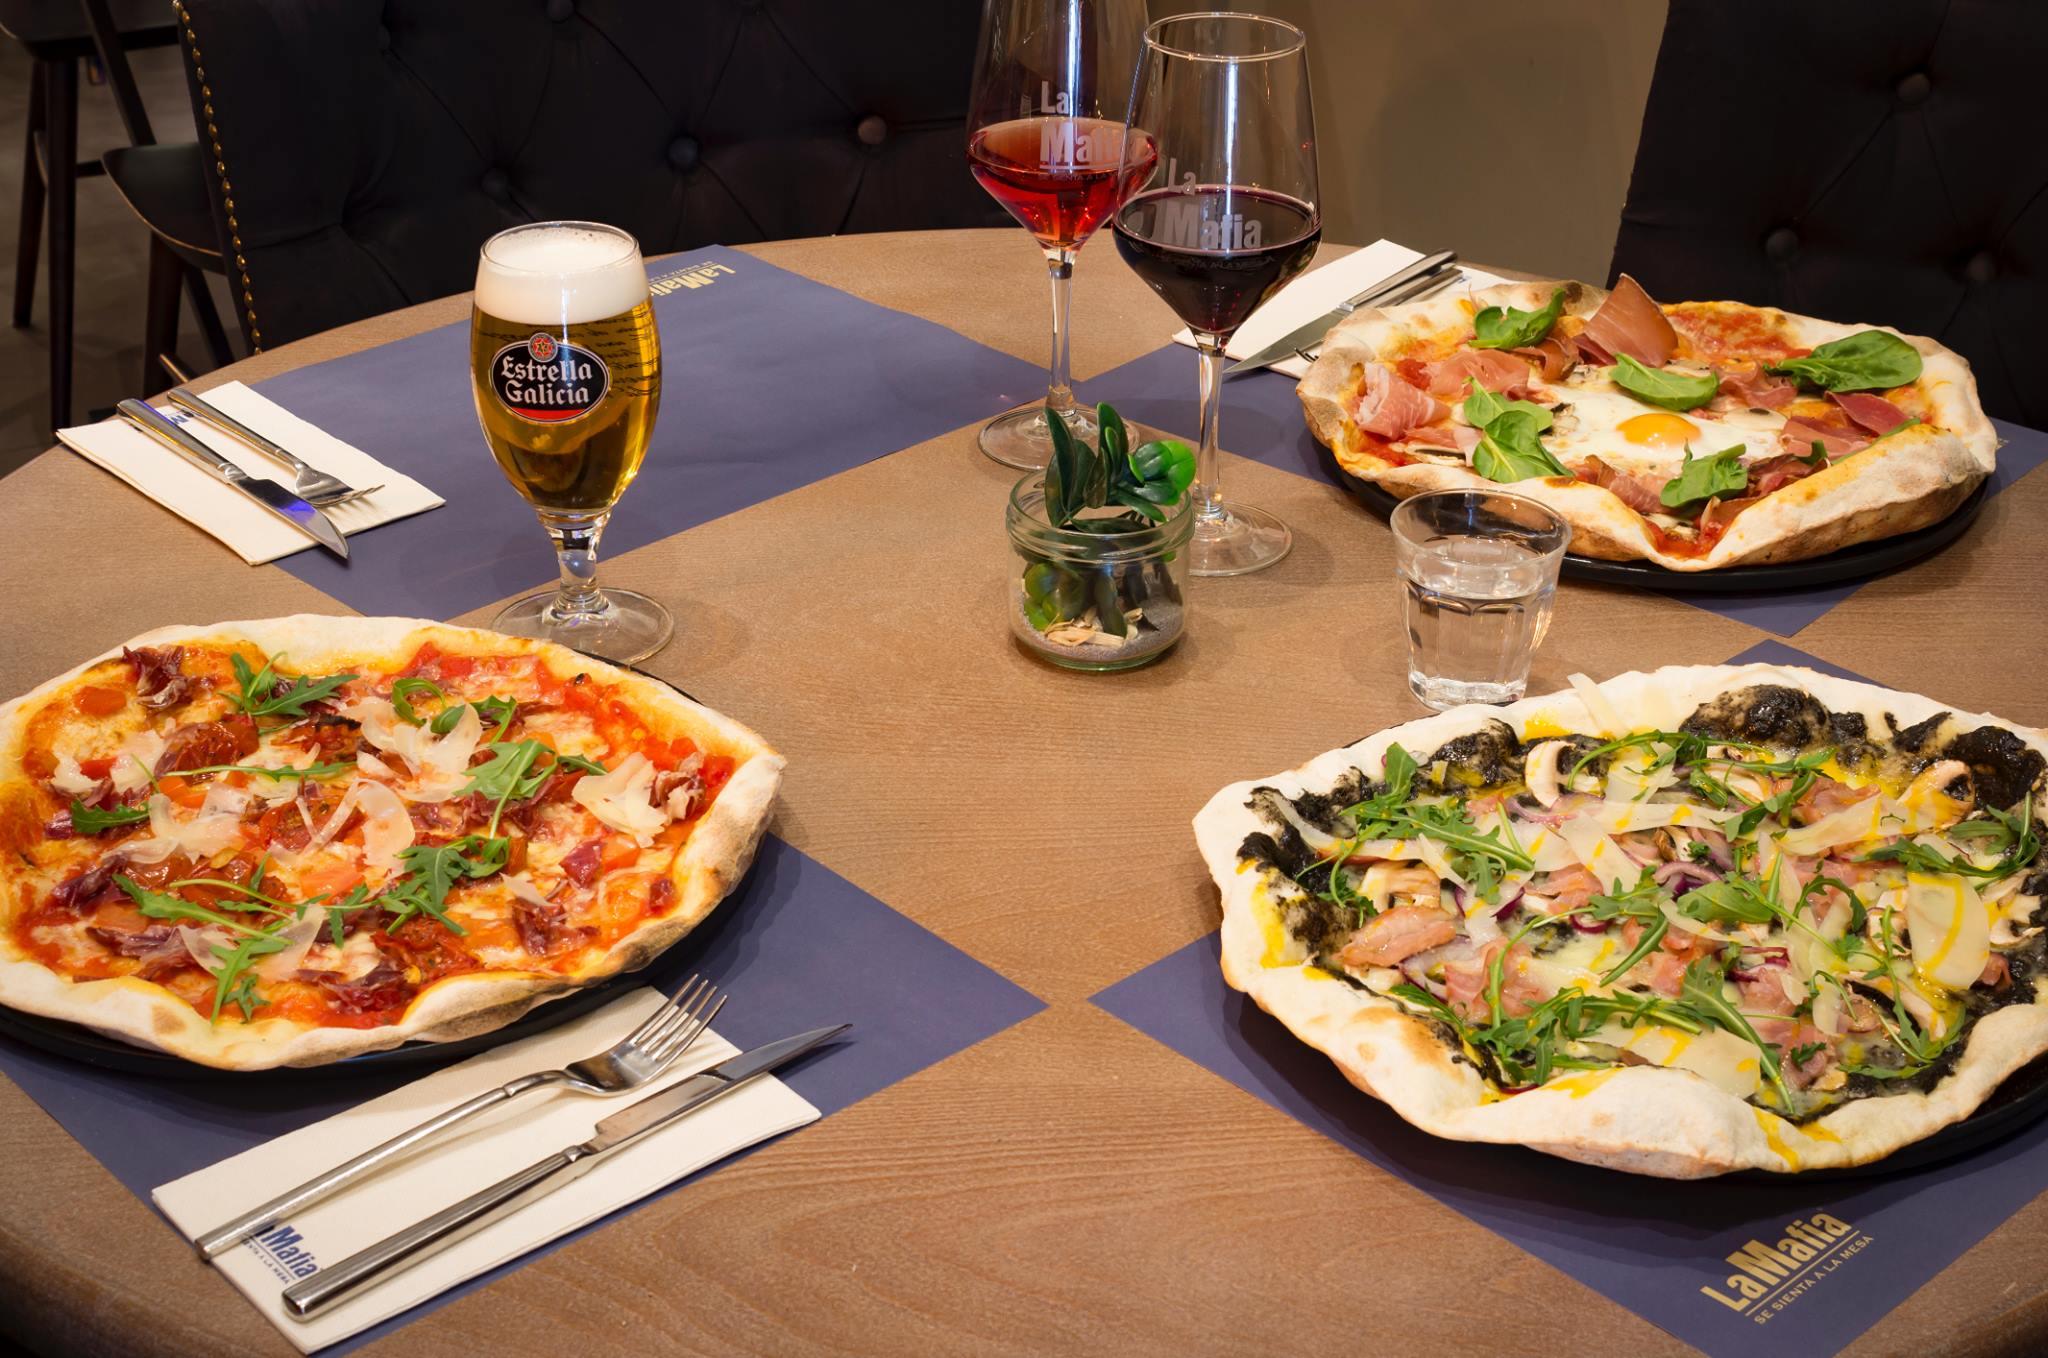 platos imprescindibles de la cocina italiana - 4 platos imprescindibles en la gastronomía italiana